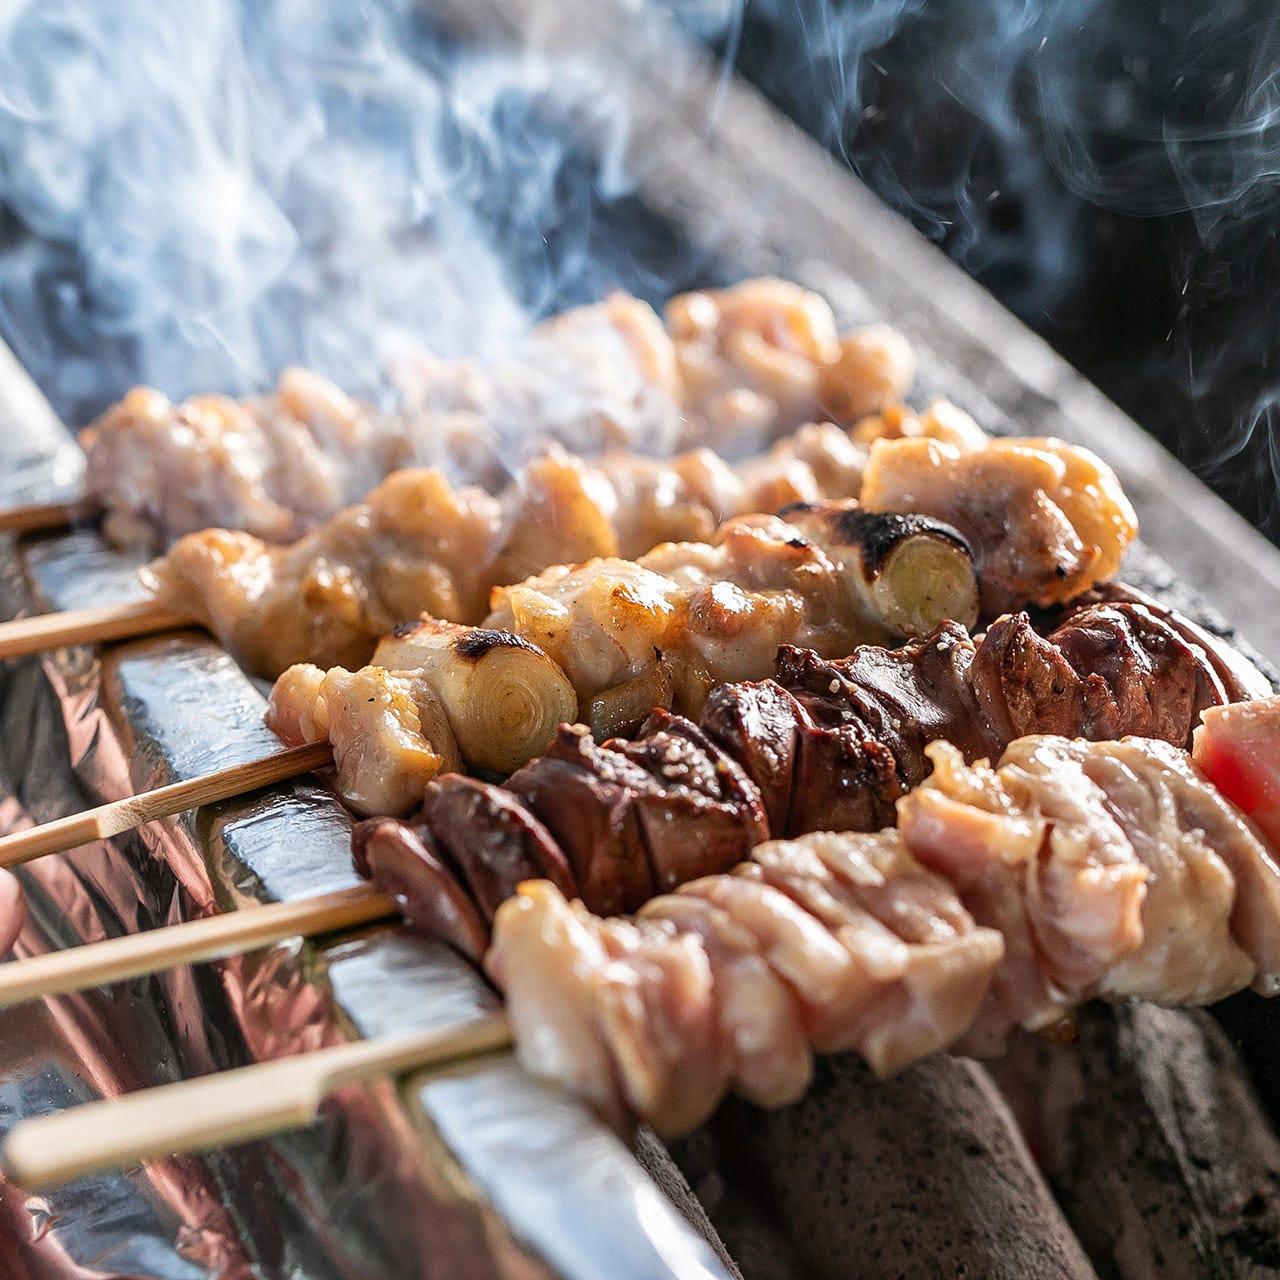 炭火焼きならでは!ジューシー&香ばしい「大山鶏の串焼き」